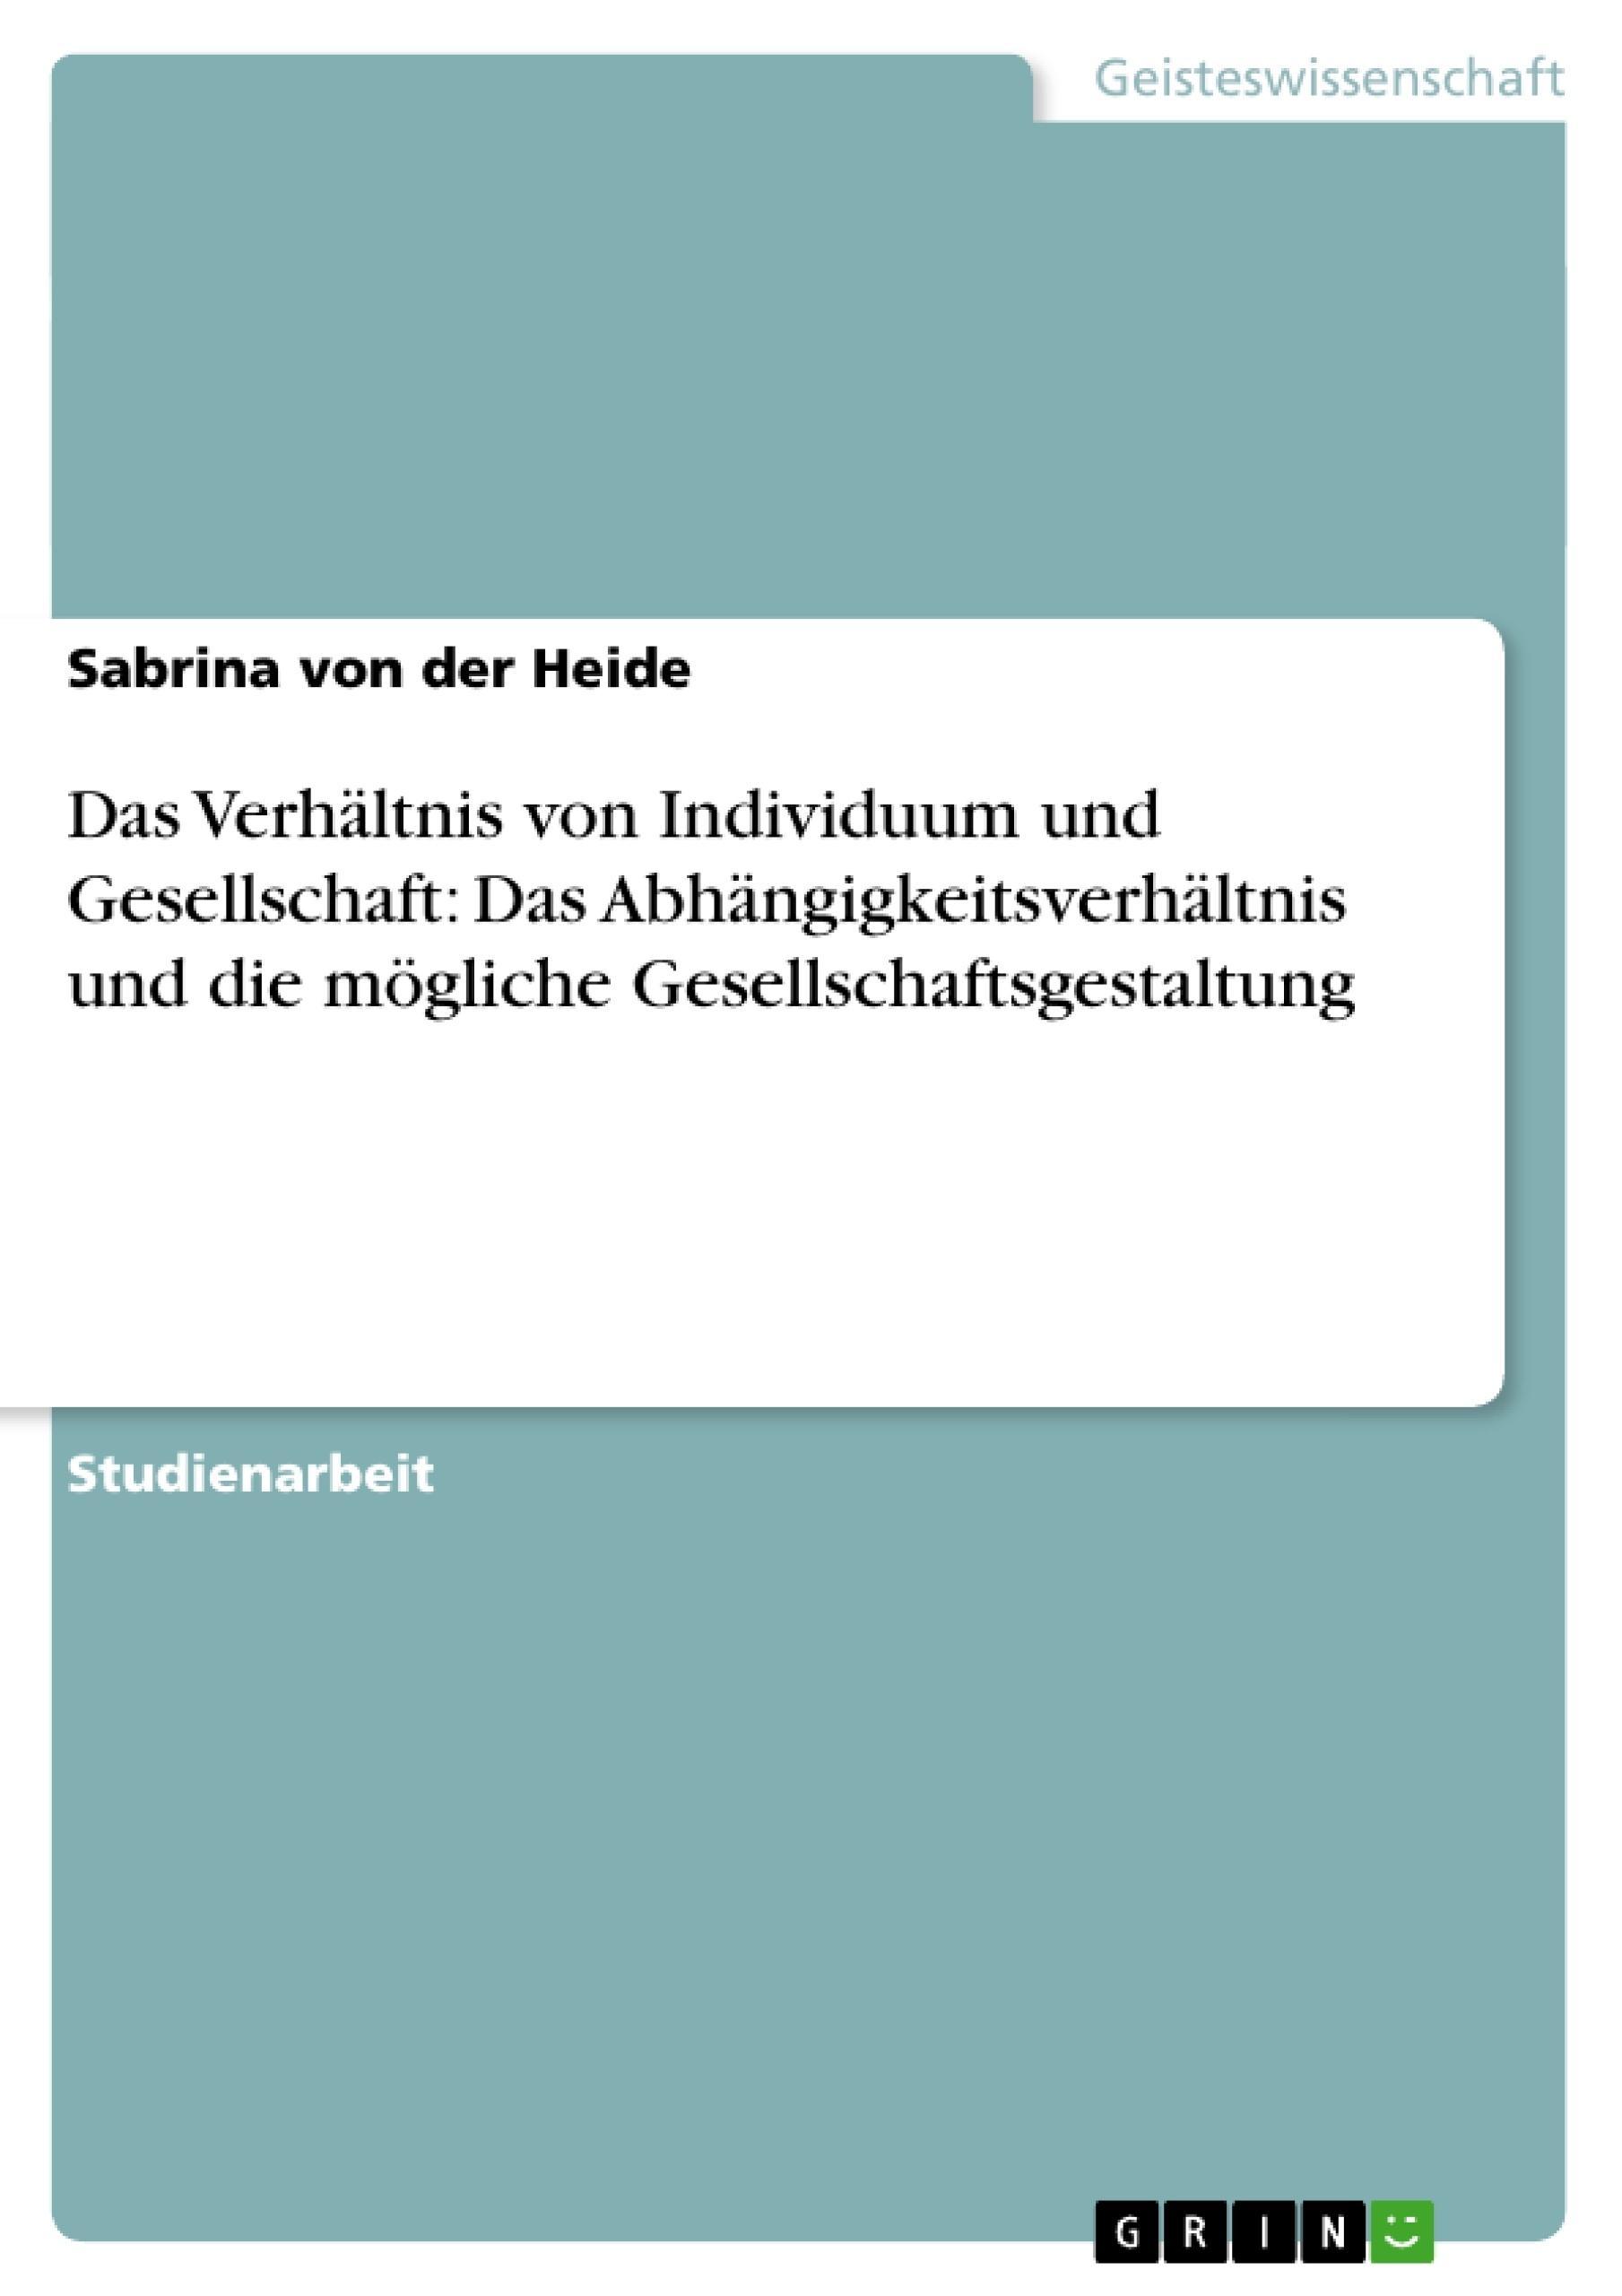 Titel: Das Verhältnis von Individuum und Gesellschaft: Das Abhängigkeitsverhältnis und die mögliche Gesellschaftsgestaltung